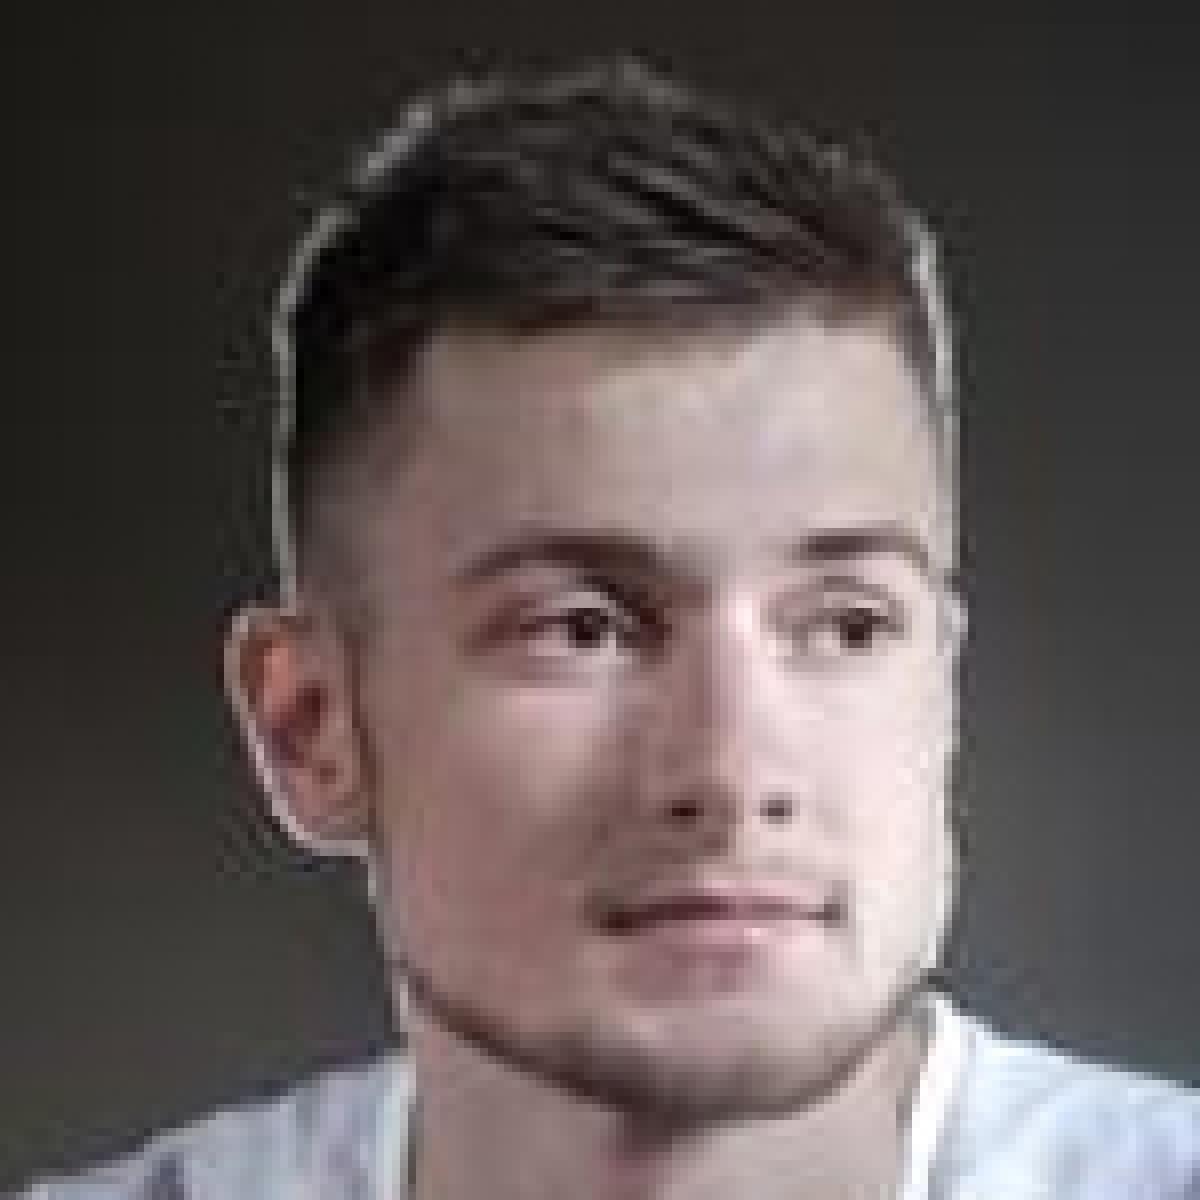 Jernej Ledl